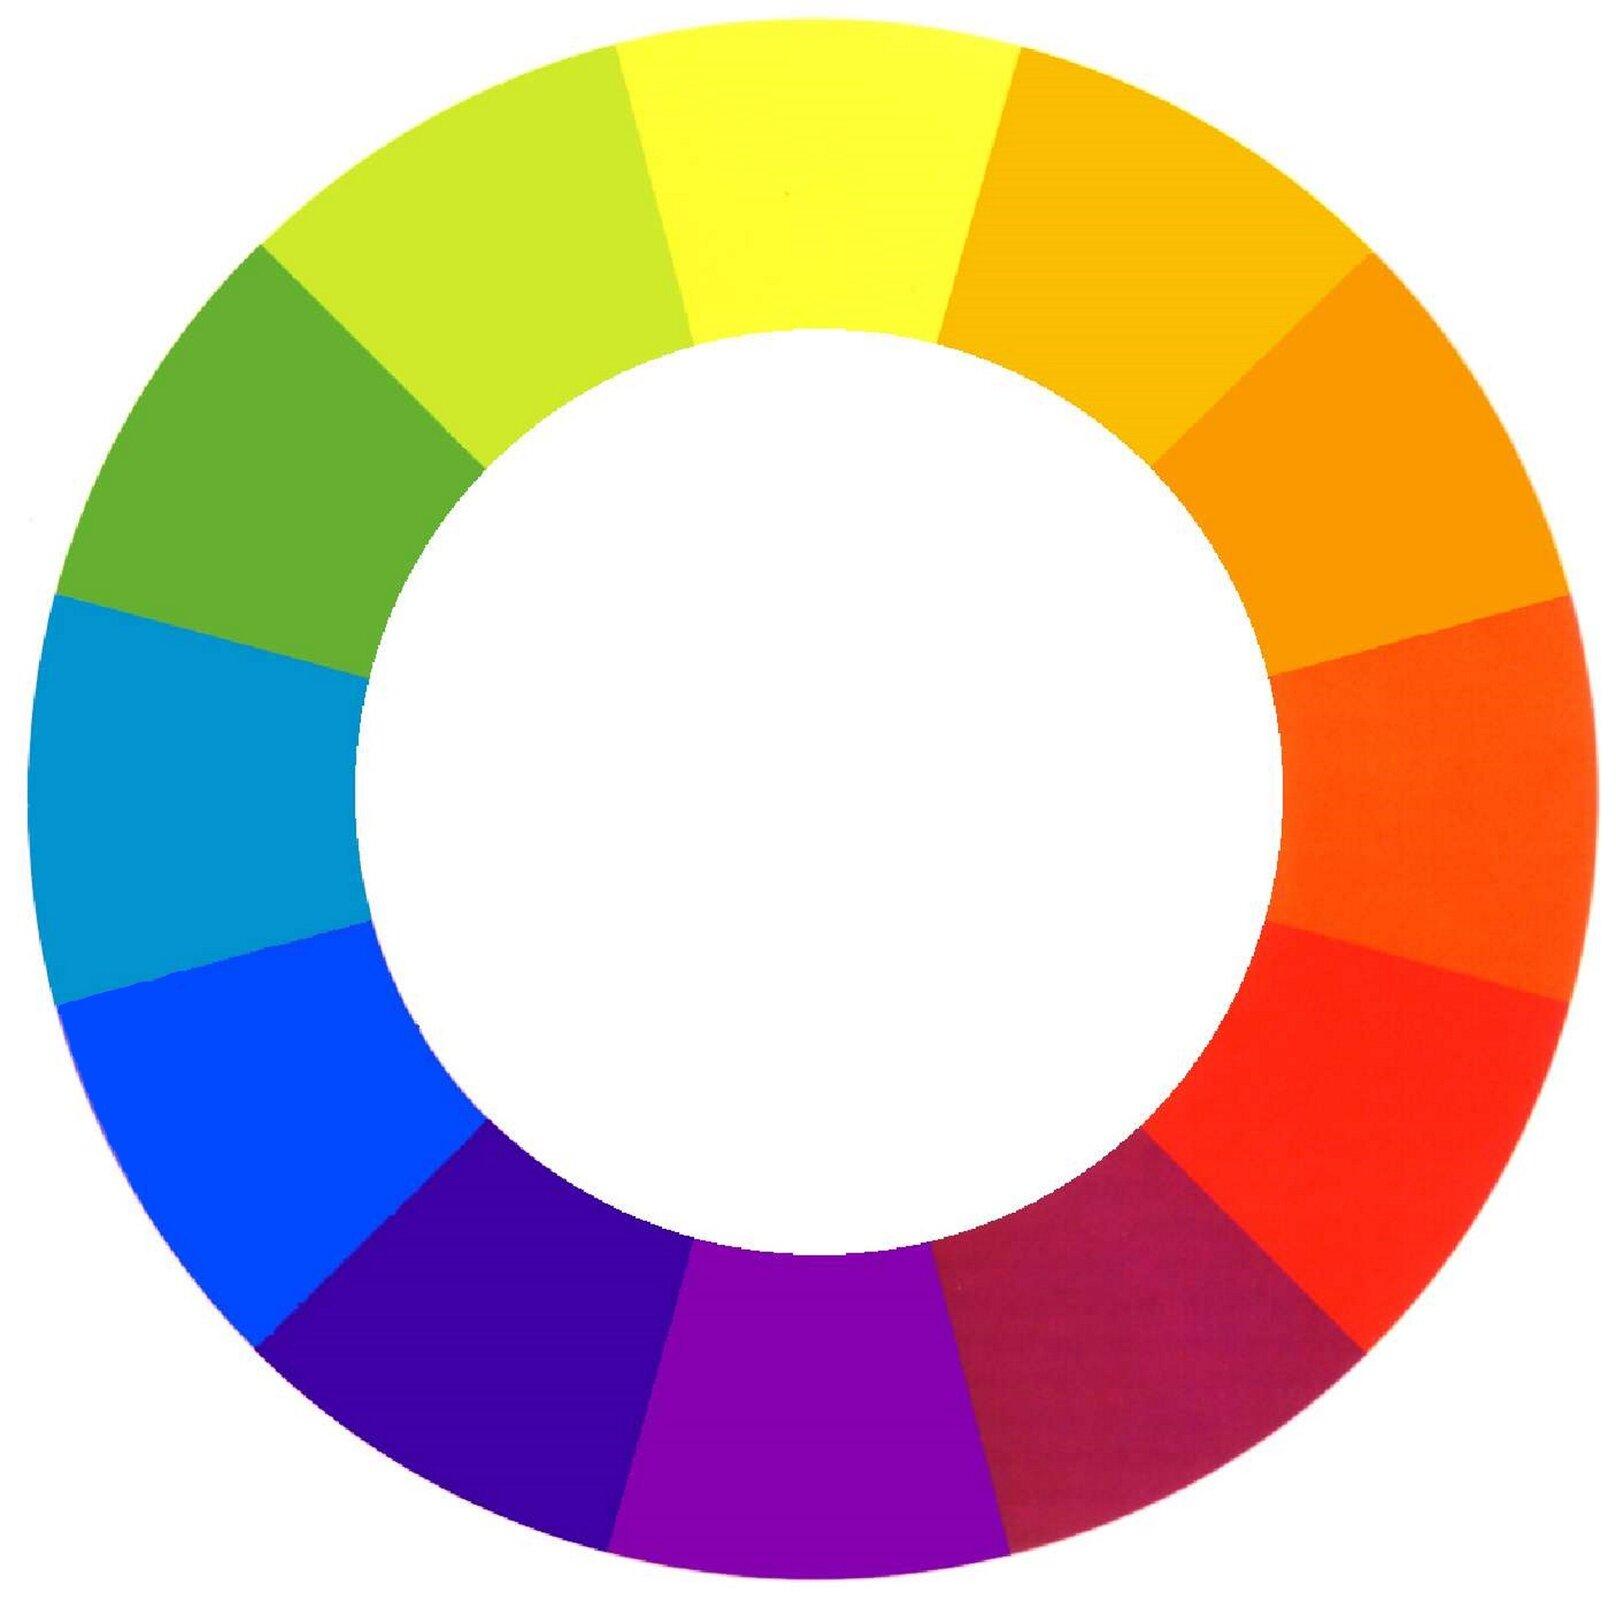 Ilustracja przedstawia koło barw. Zaznaczonych jest na nim dwanaście kolorów - od jasnożółtego, przez pomarańcze, czerwony, różne odcienie fioletów , kolorów niebieskich, aż po zielenie.